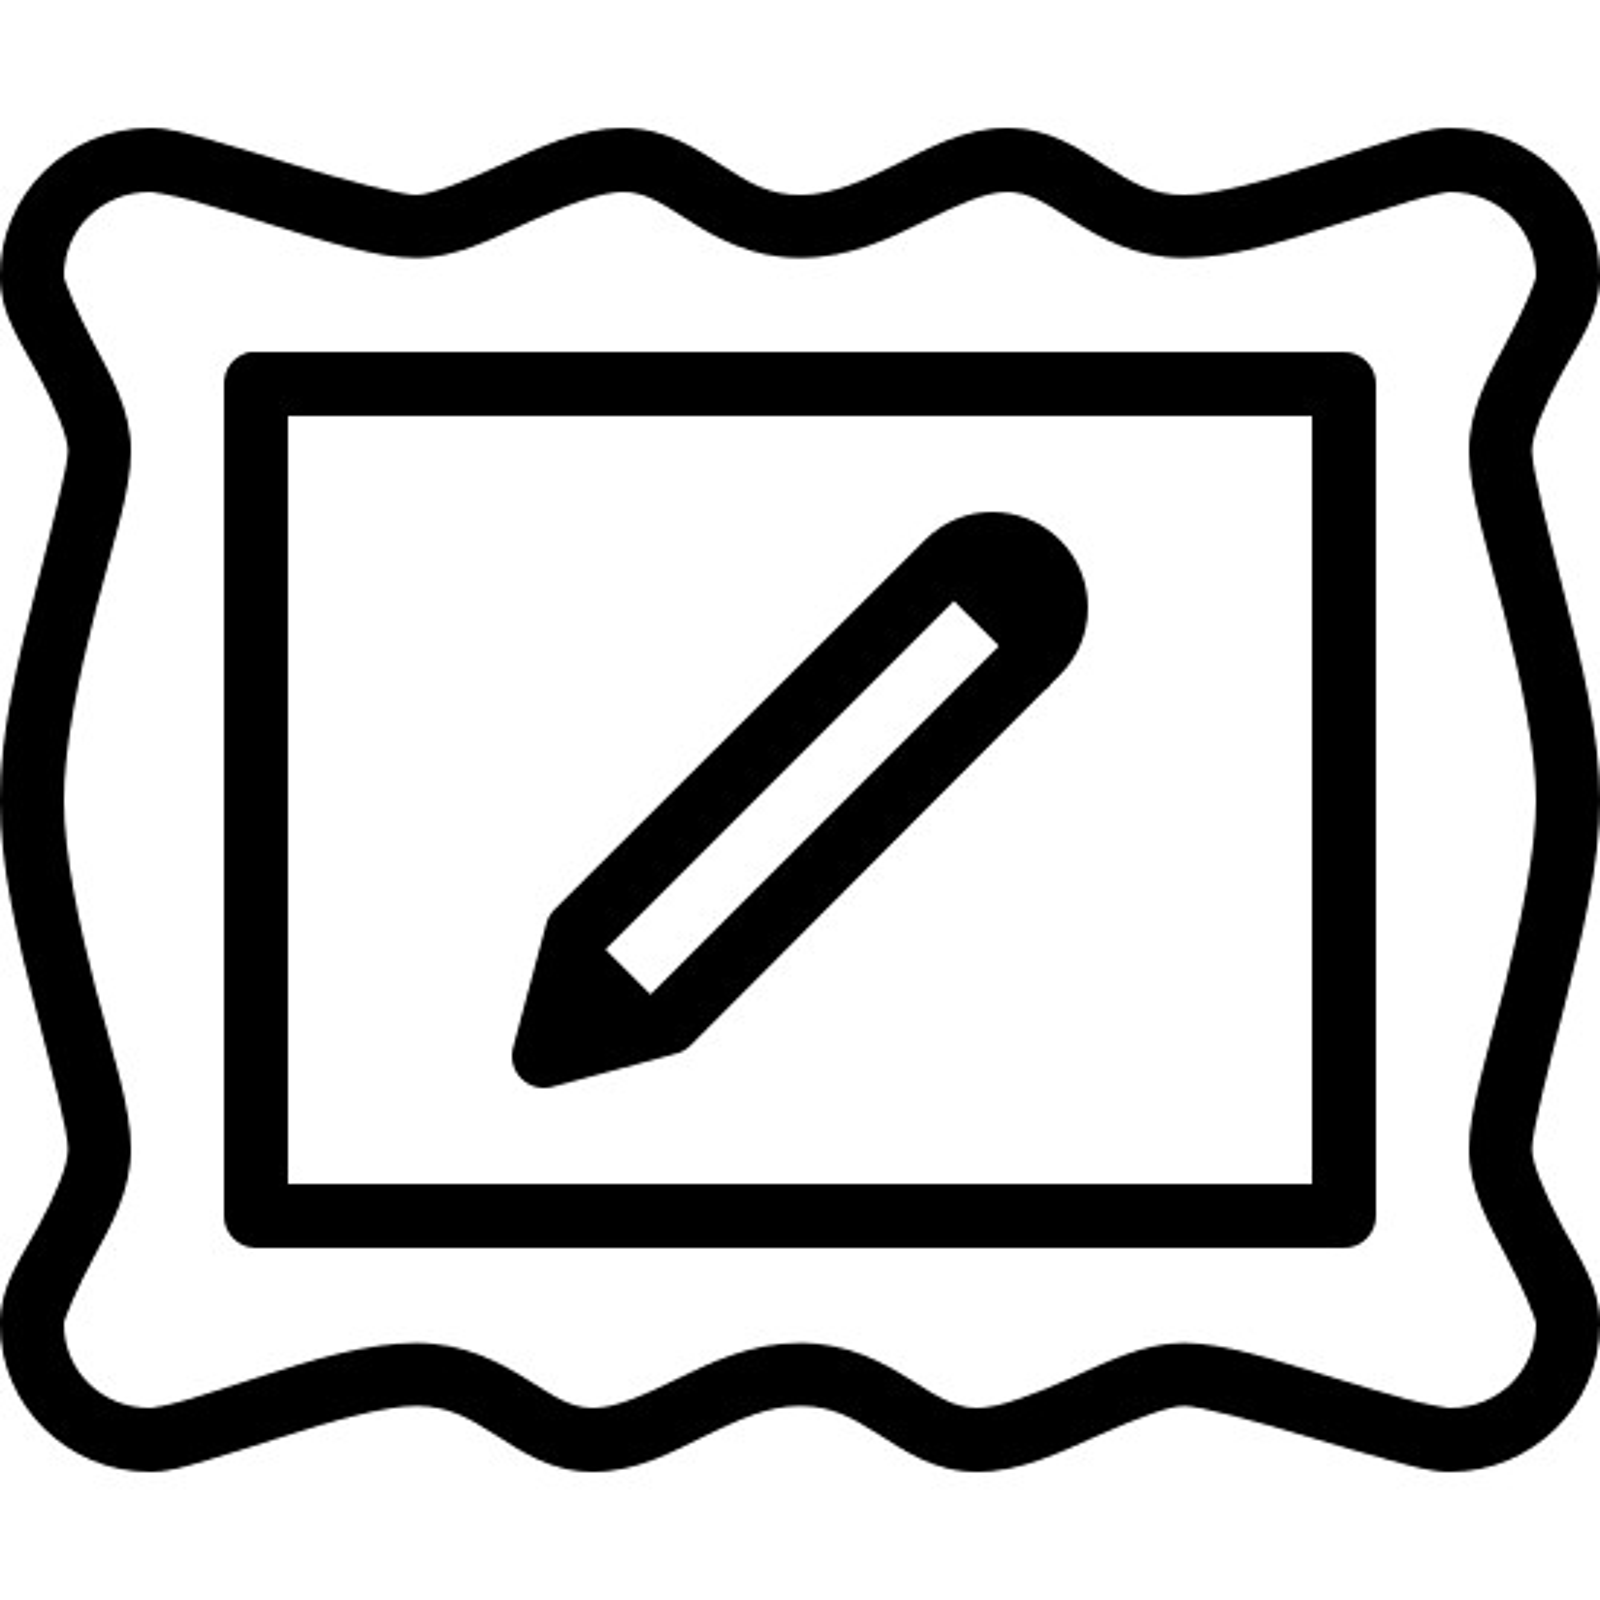 画像を編集します icon. The edit image symbol is a pencil inside of a photo frame. The edges of the photo frame are rounded. There are two roundings on the sides and three on the top and bottom.